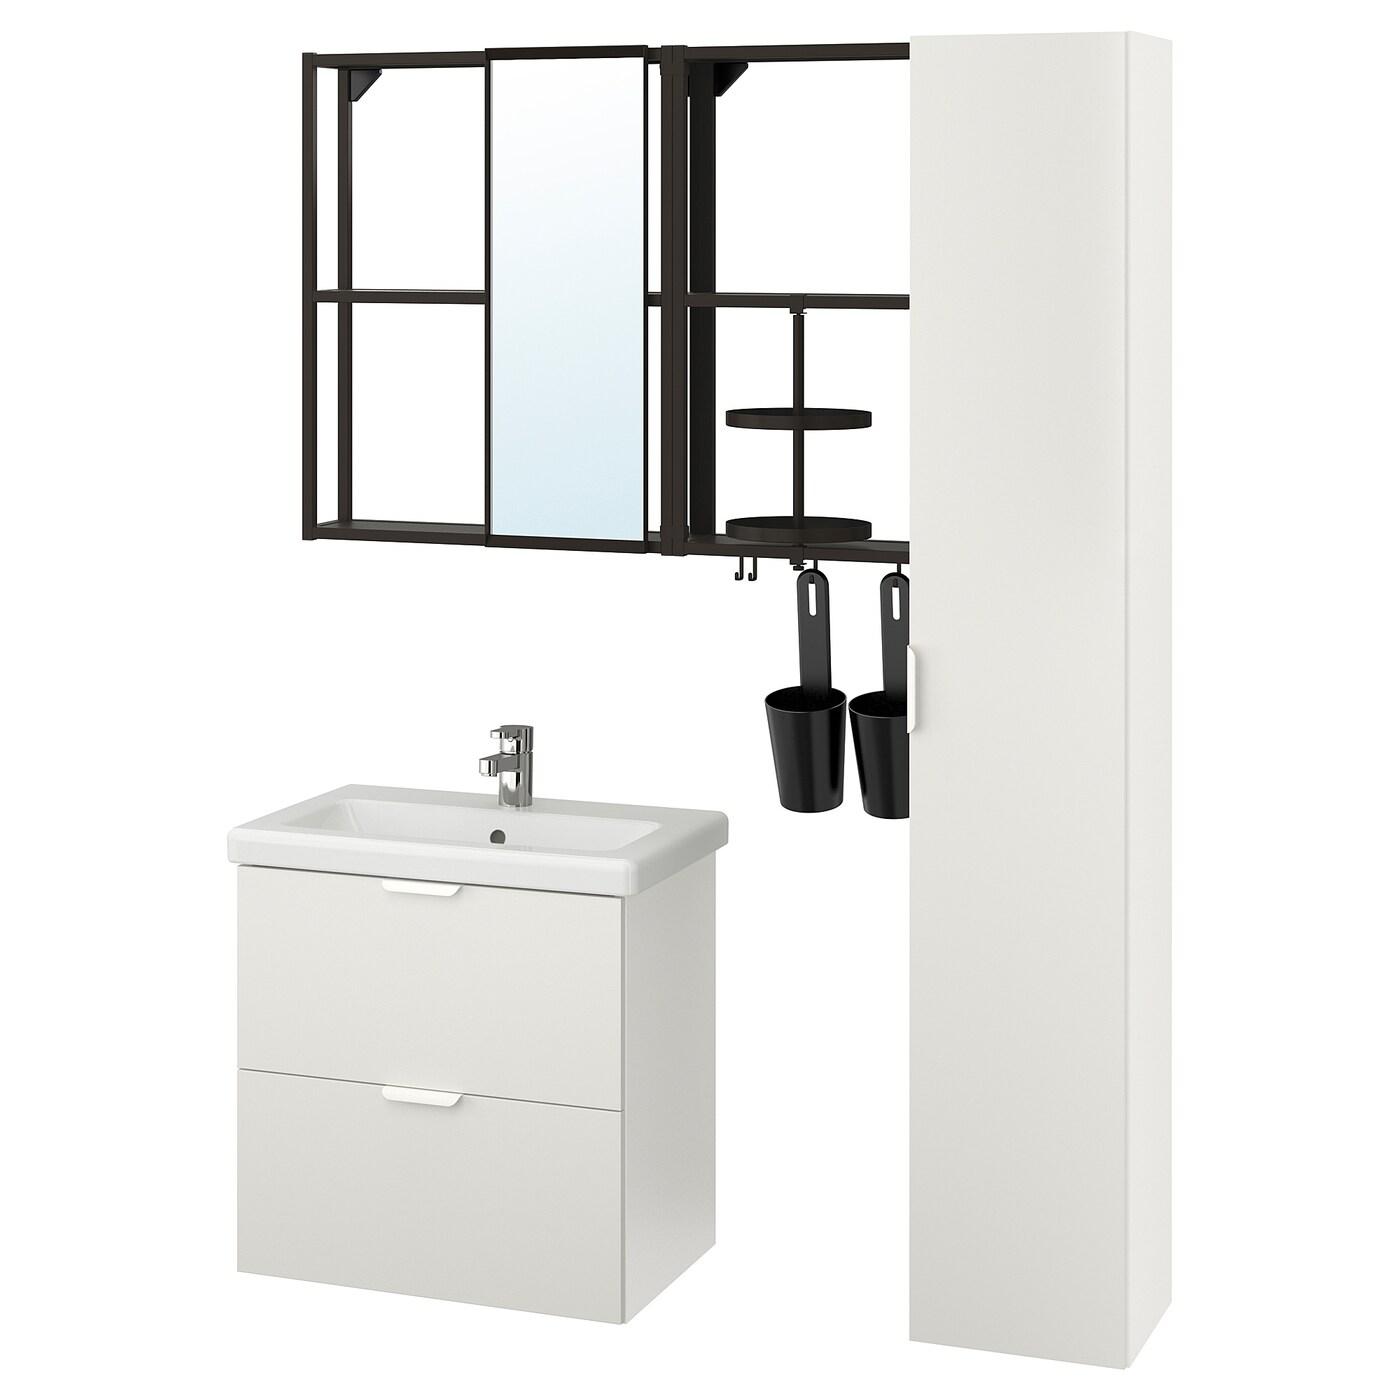 Enhet Tvallen Mobilier Salle De Bain 18 Pieces Blanc Anthracite Ensen Mitigeur Lavabo Ikea